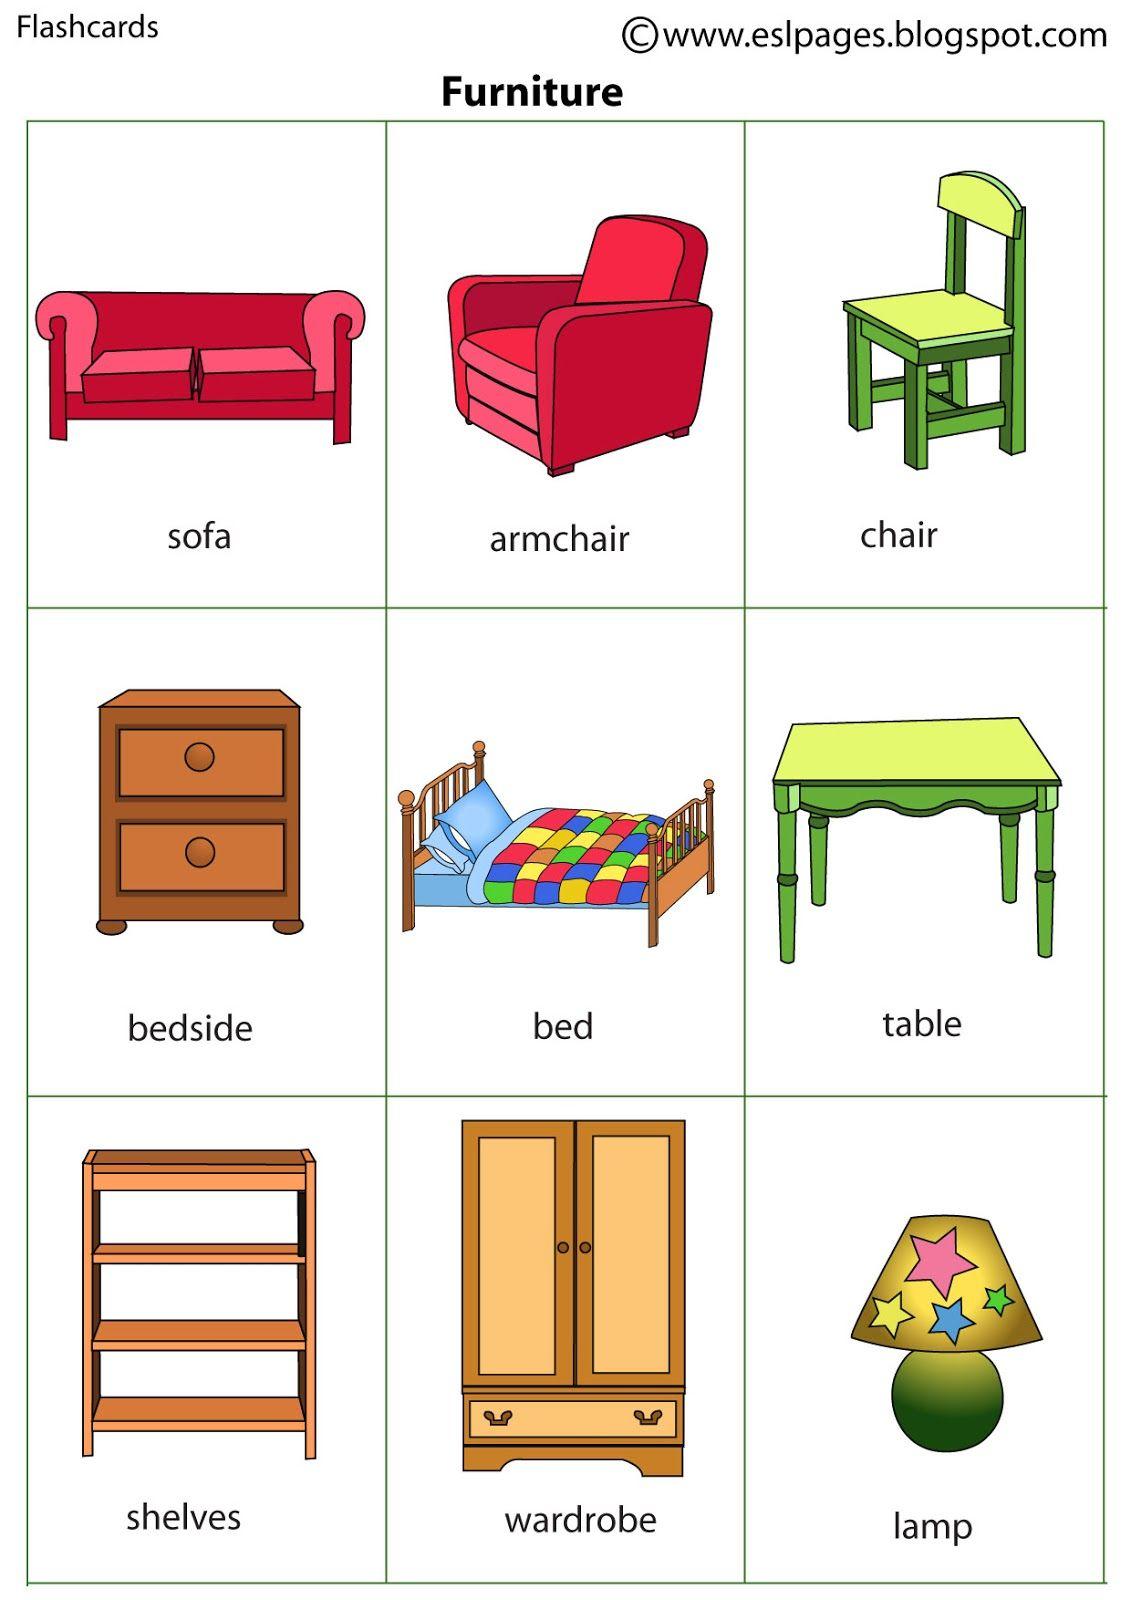 Resultat De Recherche D Images Pour Furniture Flashcards